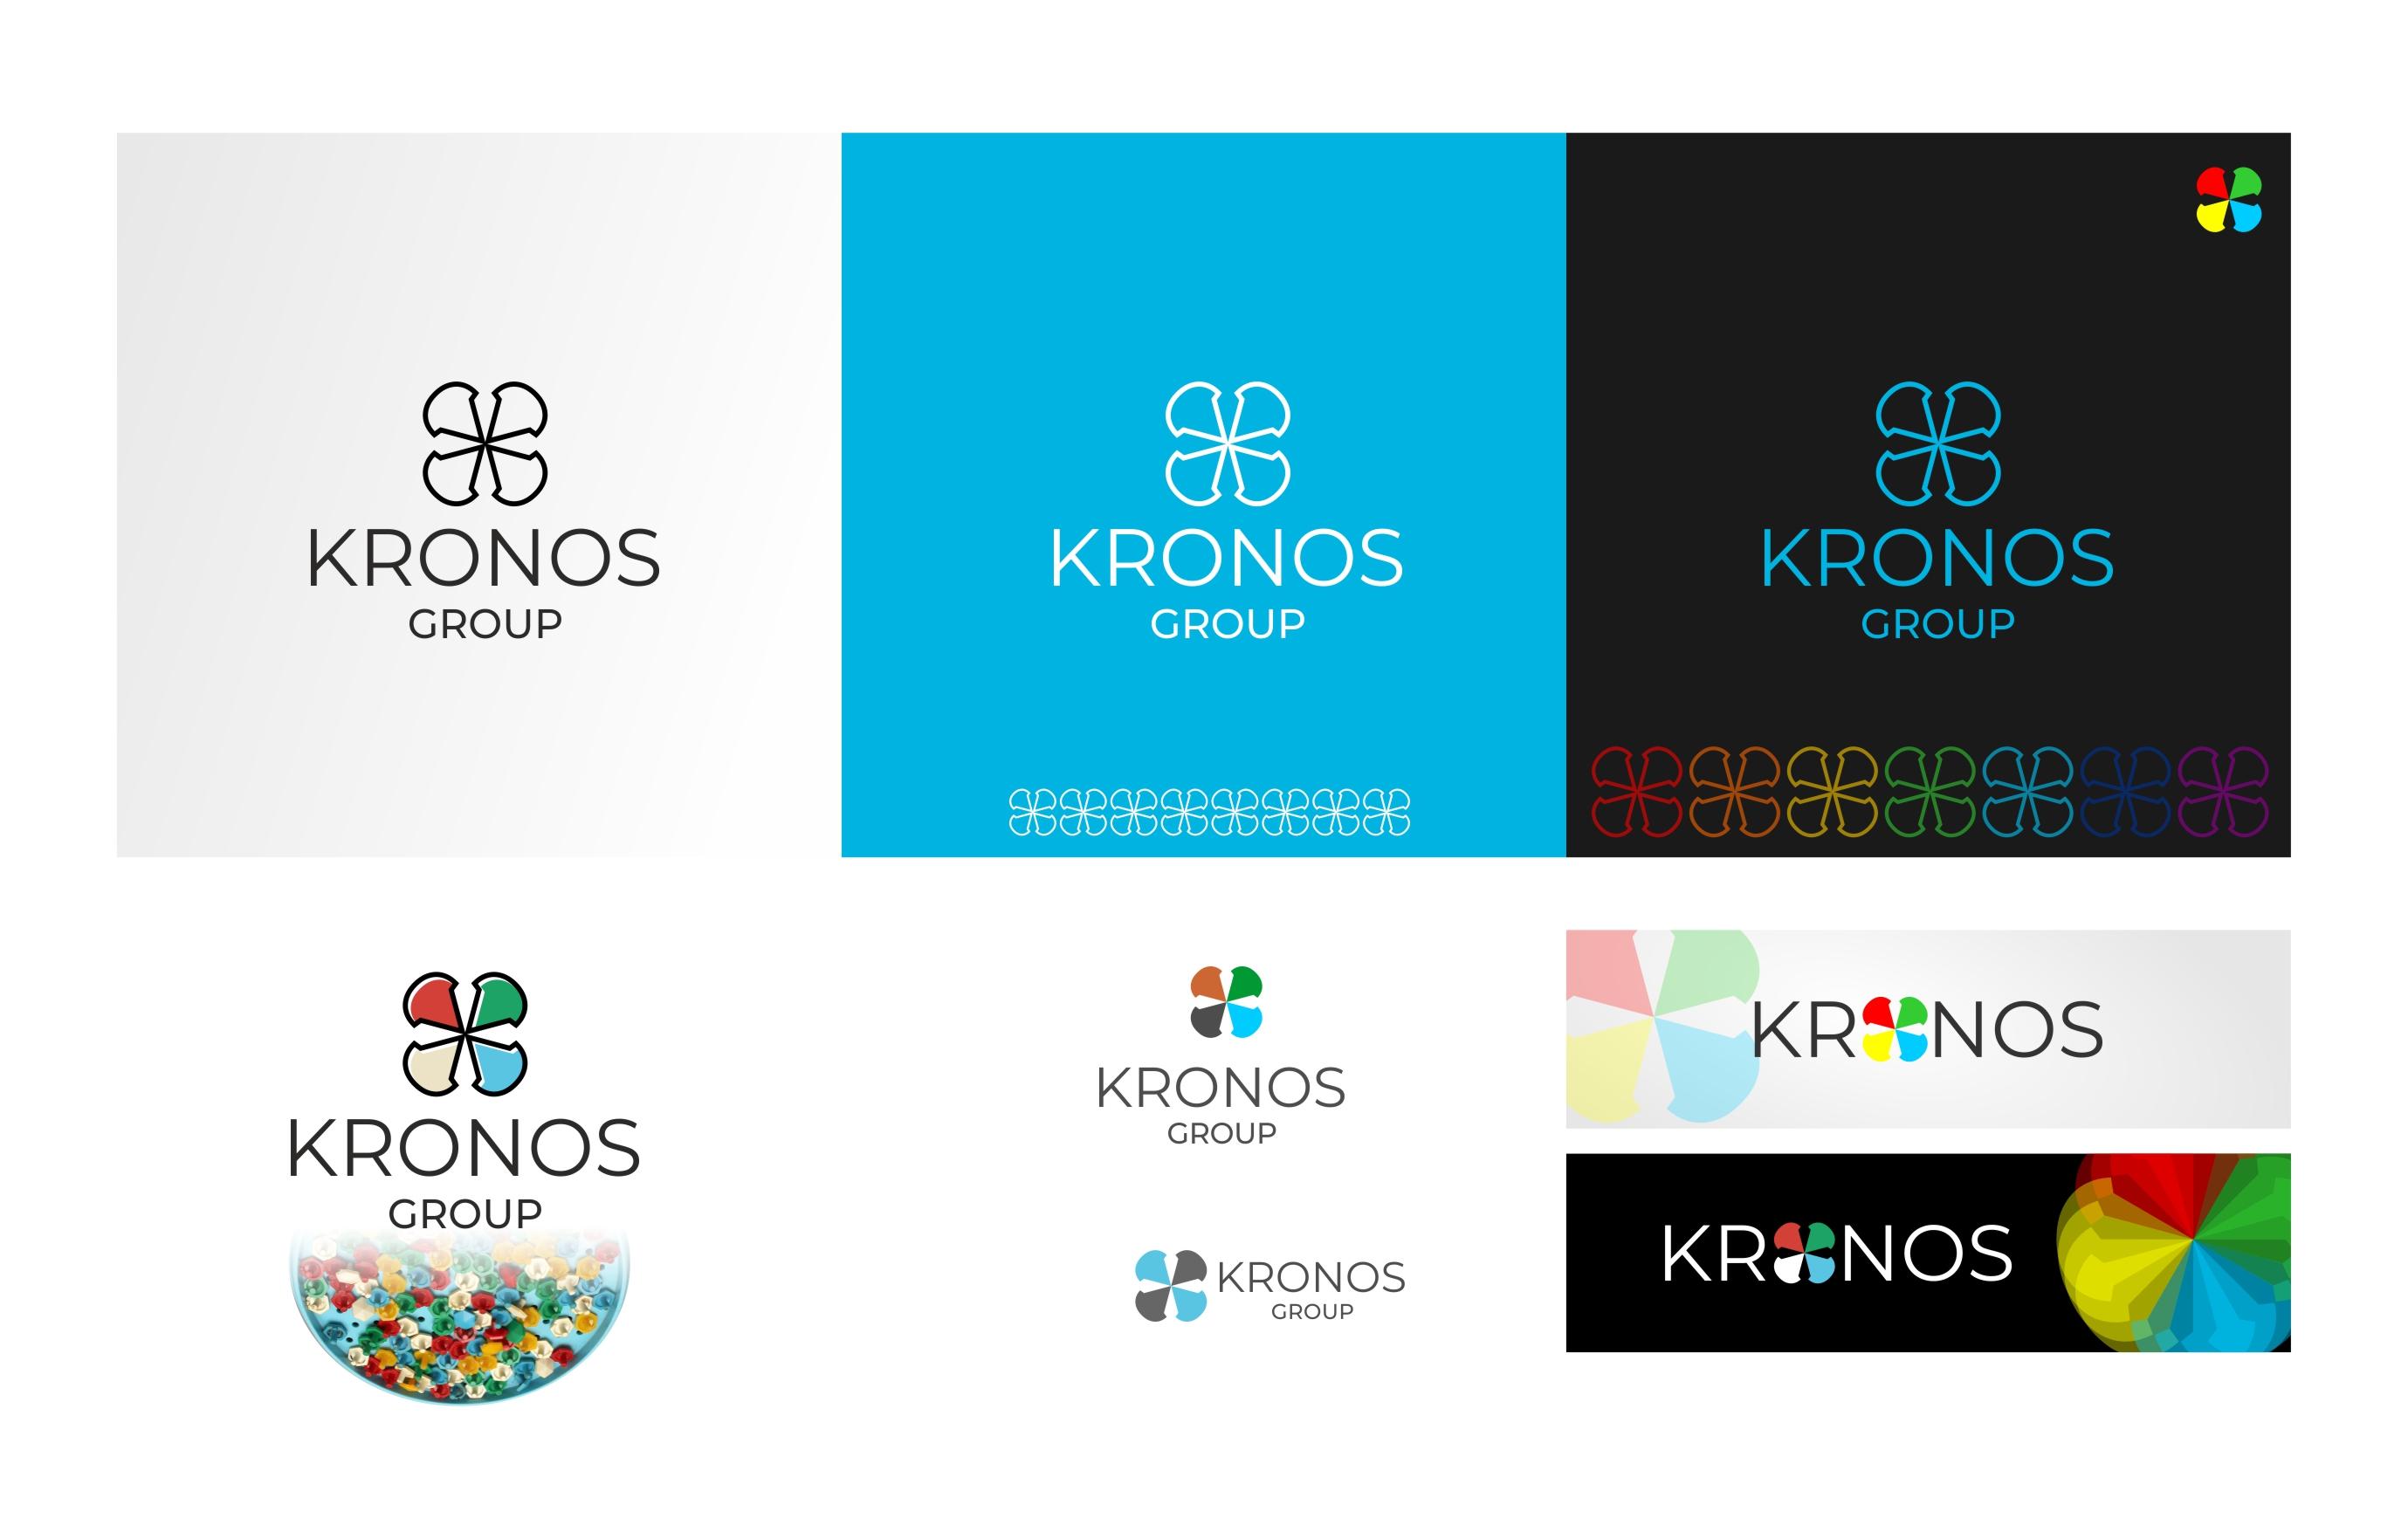 Разработать логотип KRONOS фото f_8135fb0c756b628f.jpg